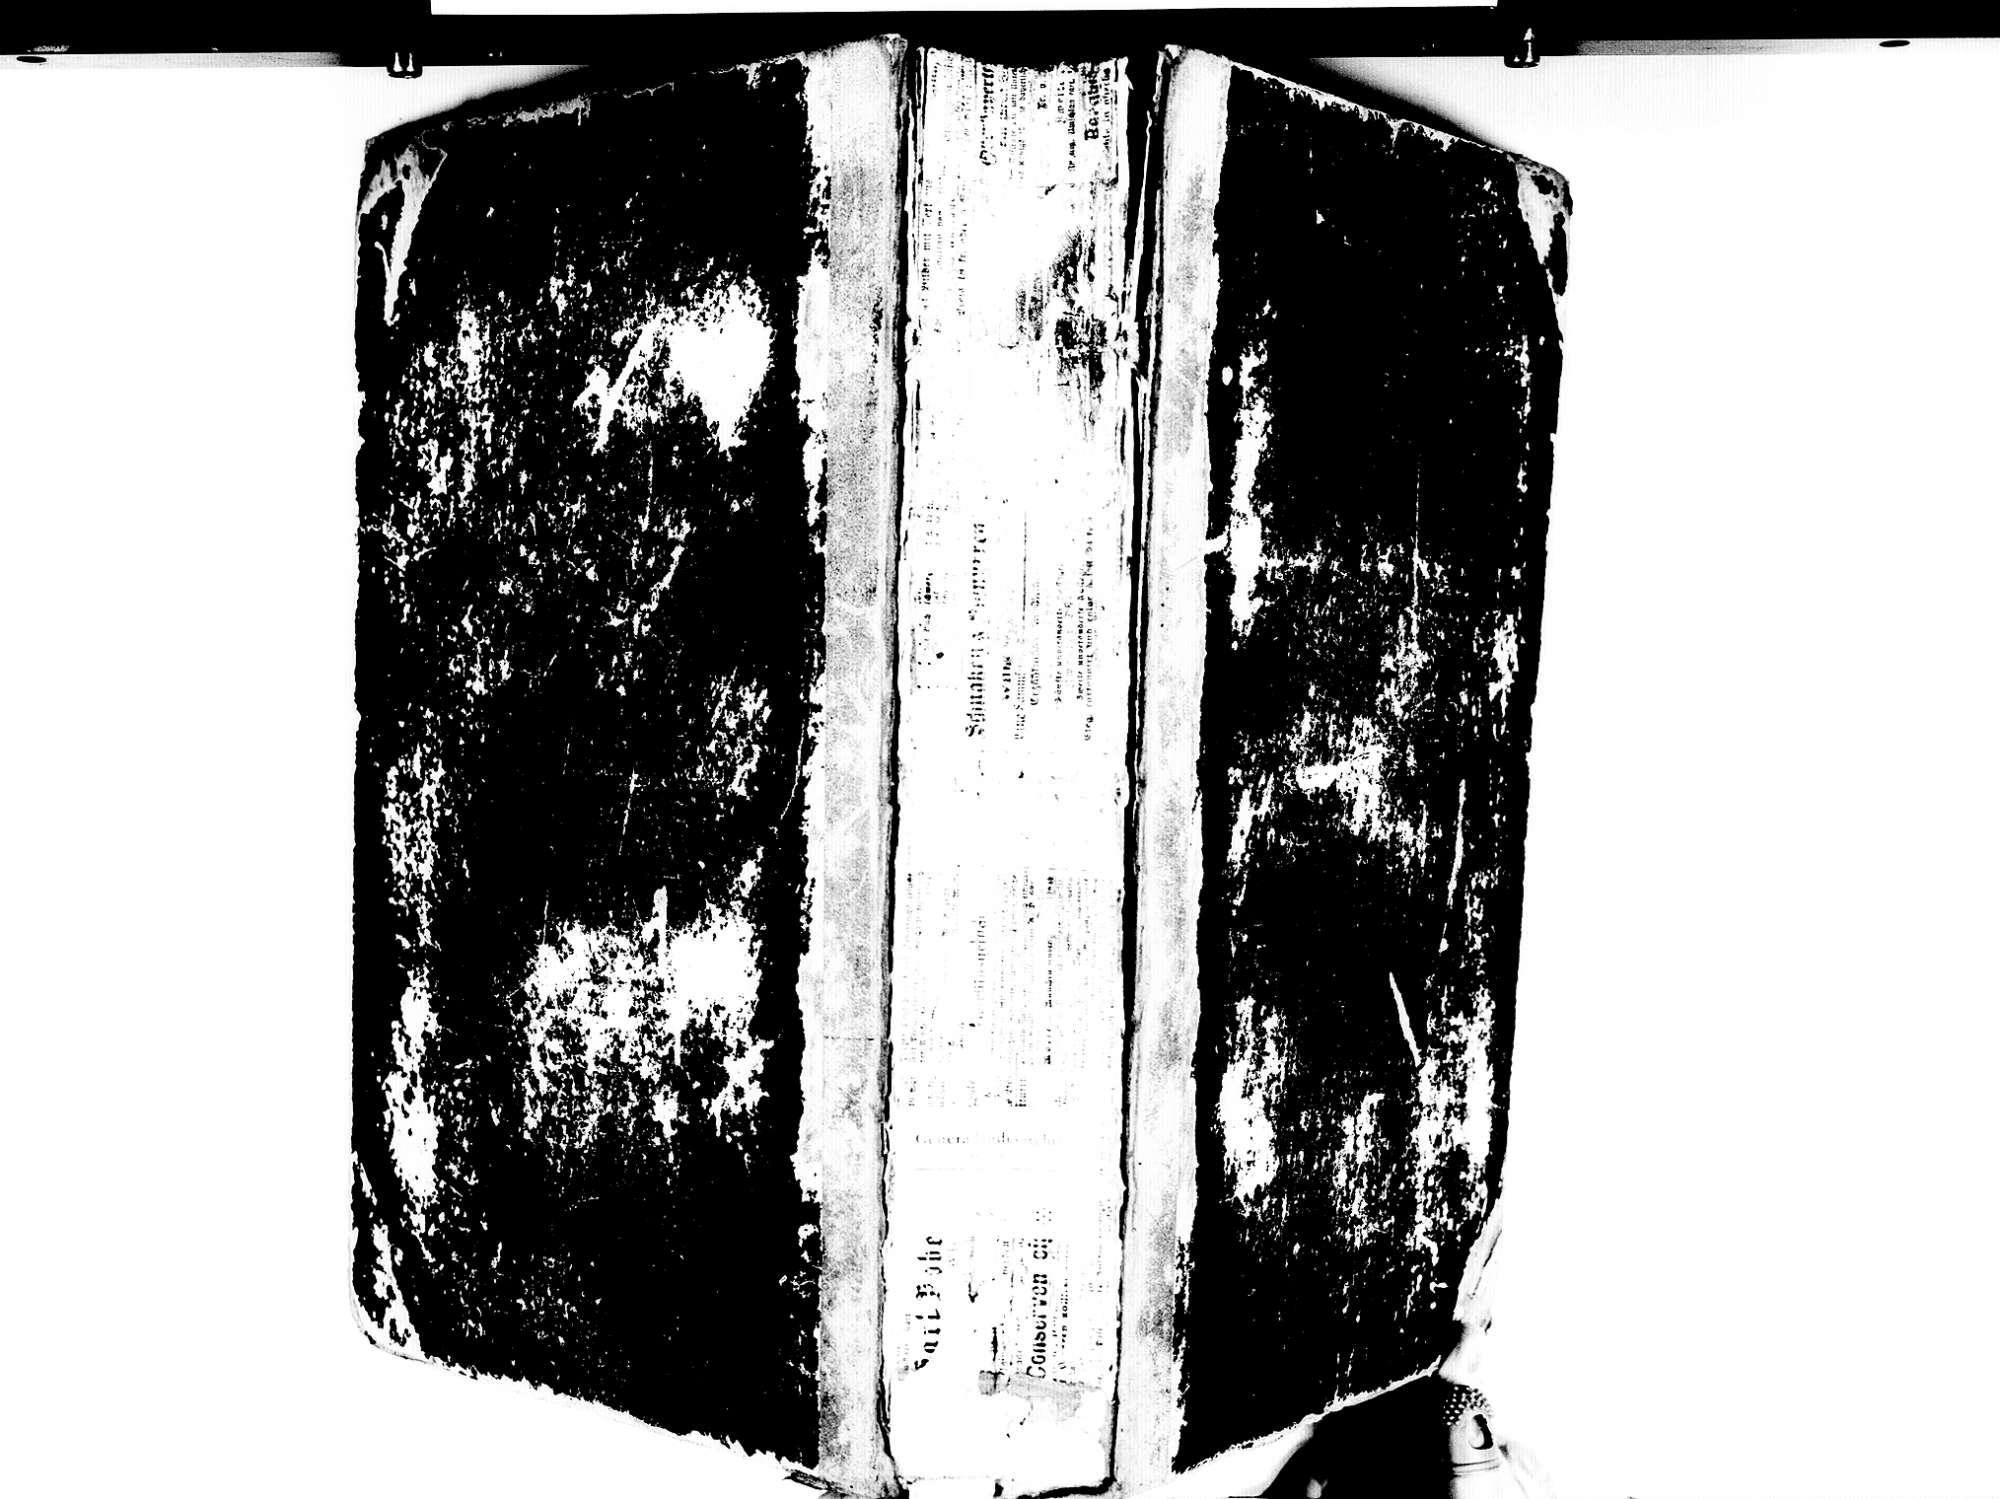 Lauf OG; Katholische Gemeinde: Sterbebuch 1841-1870, Bild 2